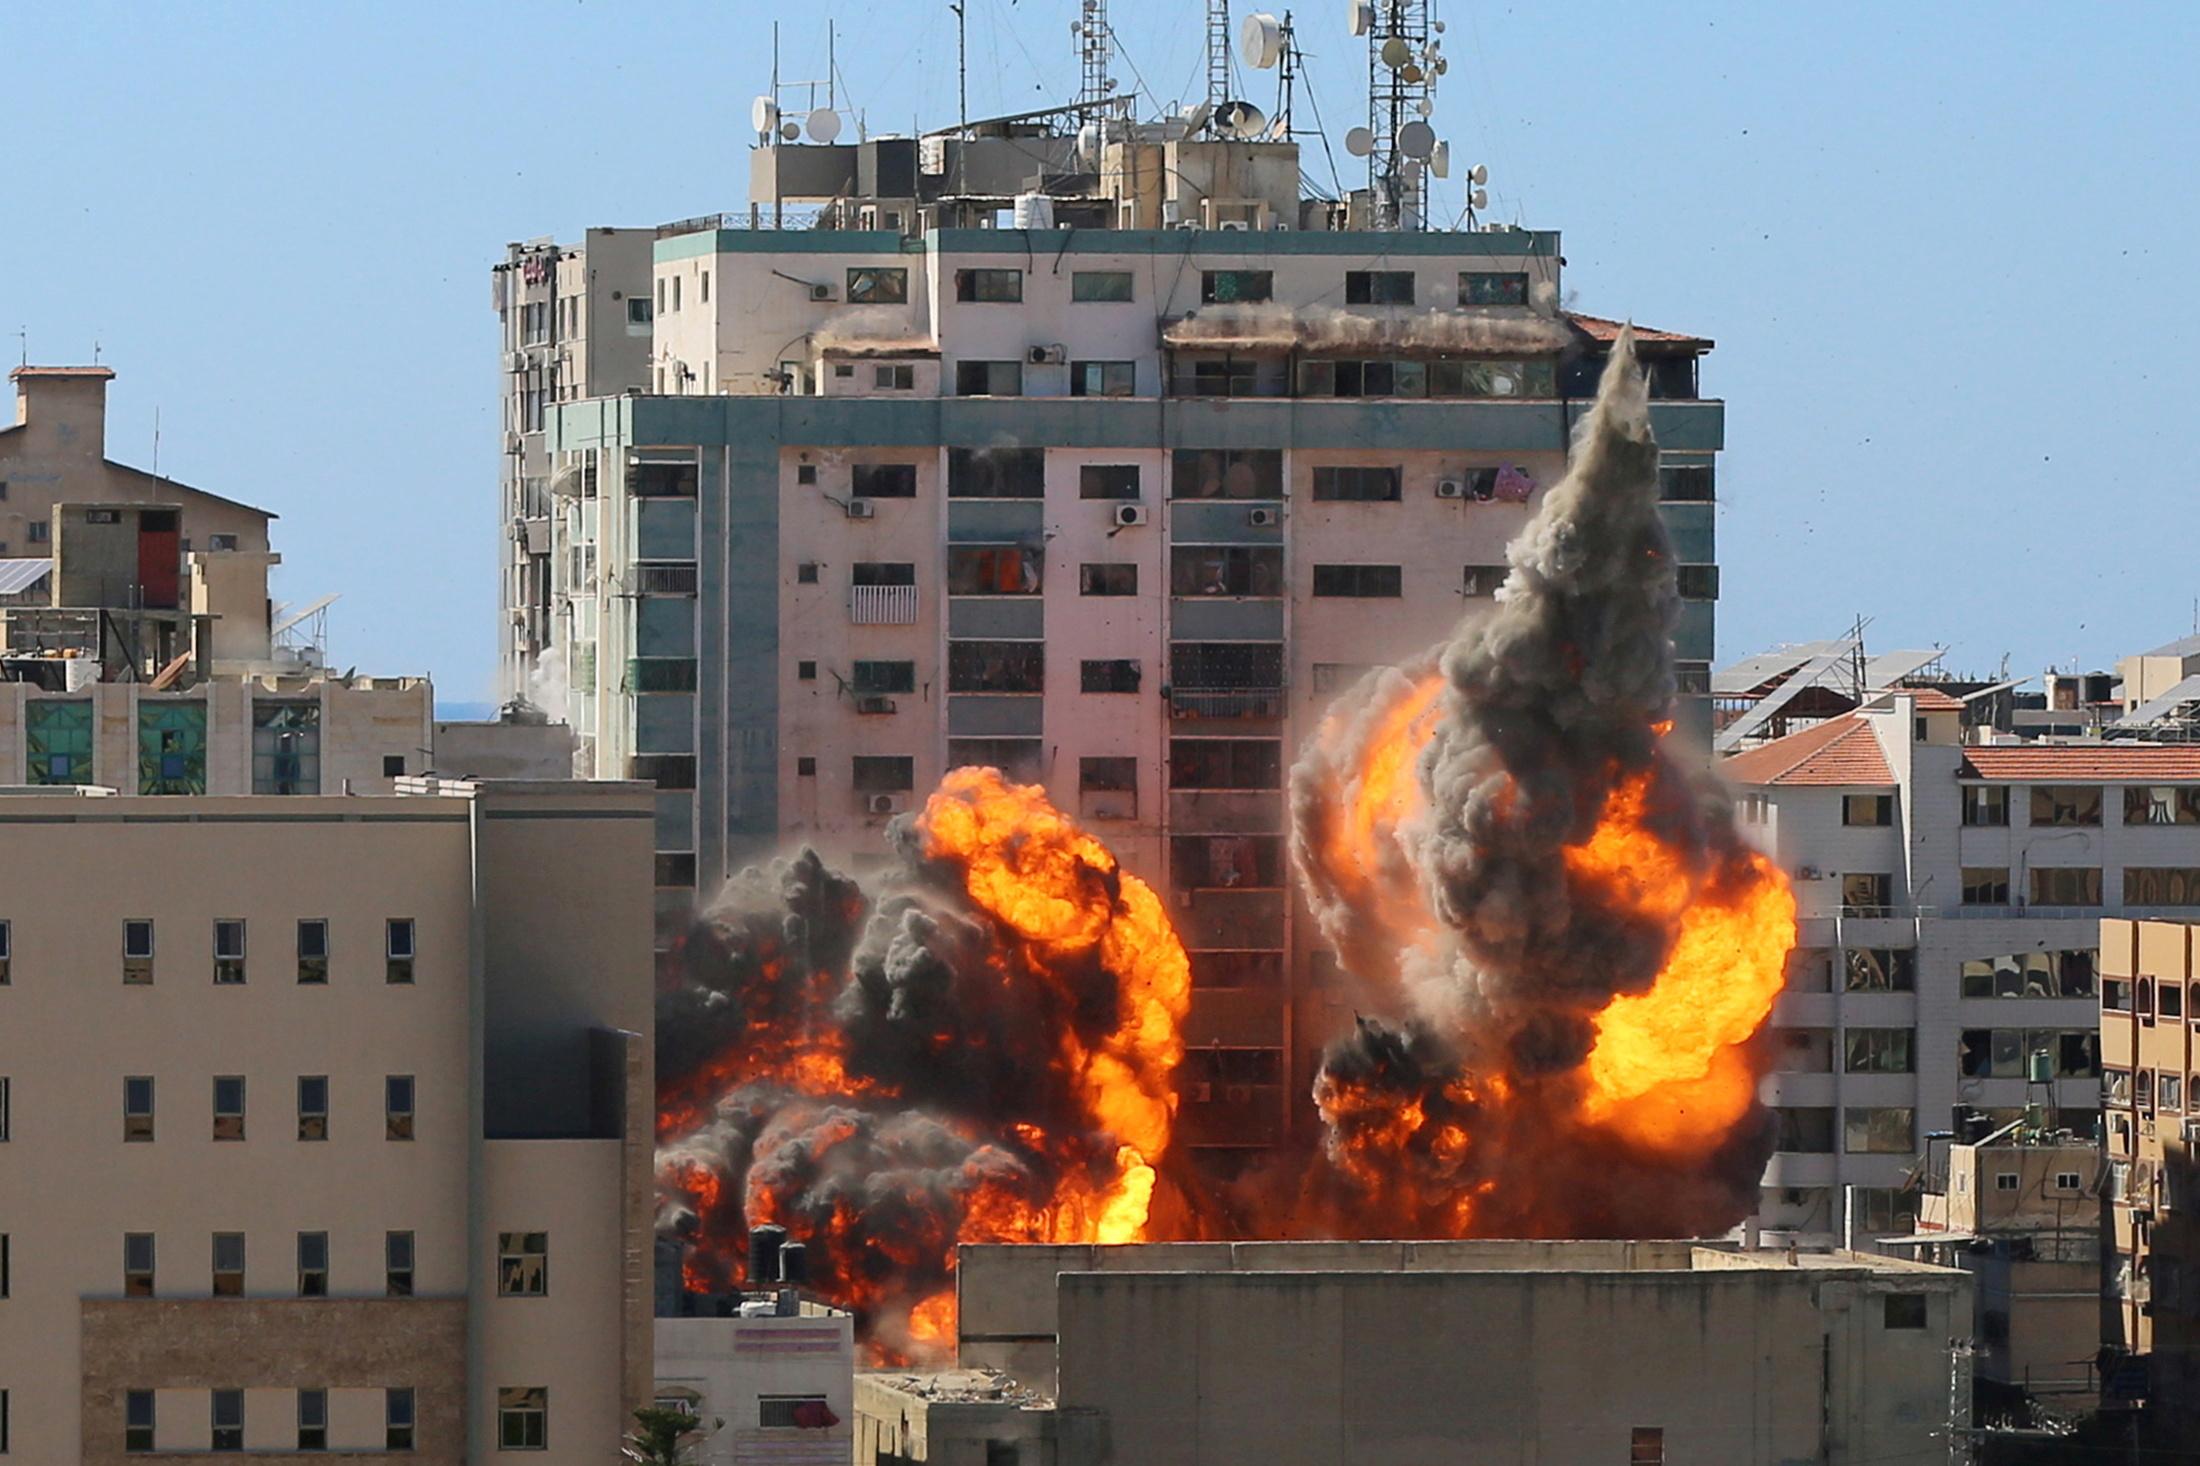 Γάζα: Ο ιδιοκτήτης του κτιρίου των ΜΜΕ προσέφυγε στο Διεθνές Ποινικό Δικαστήριο